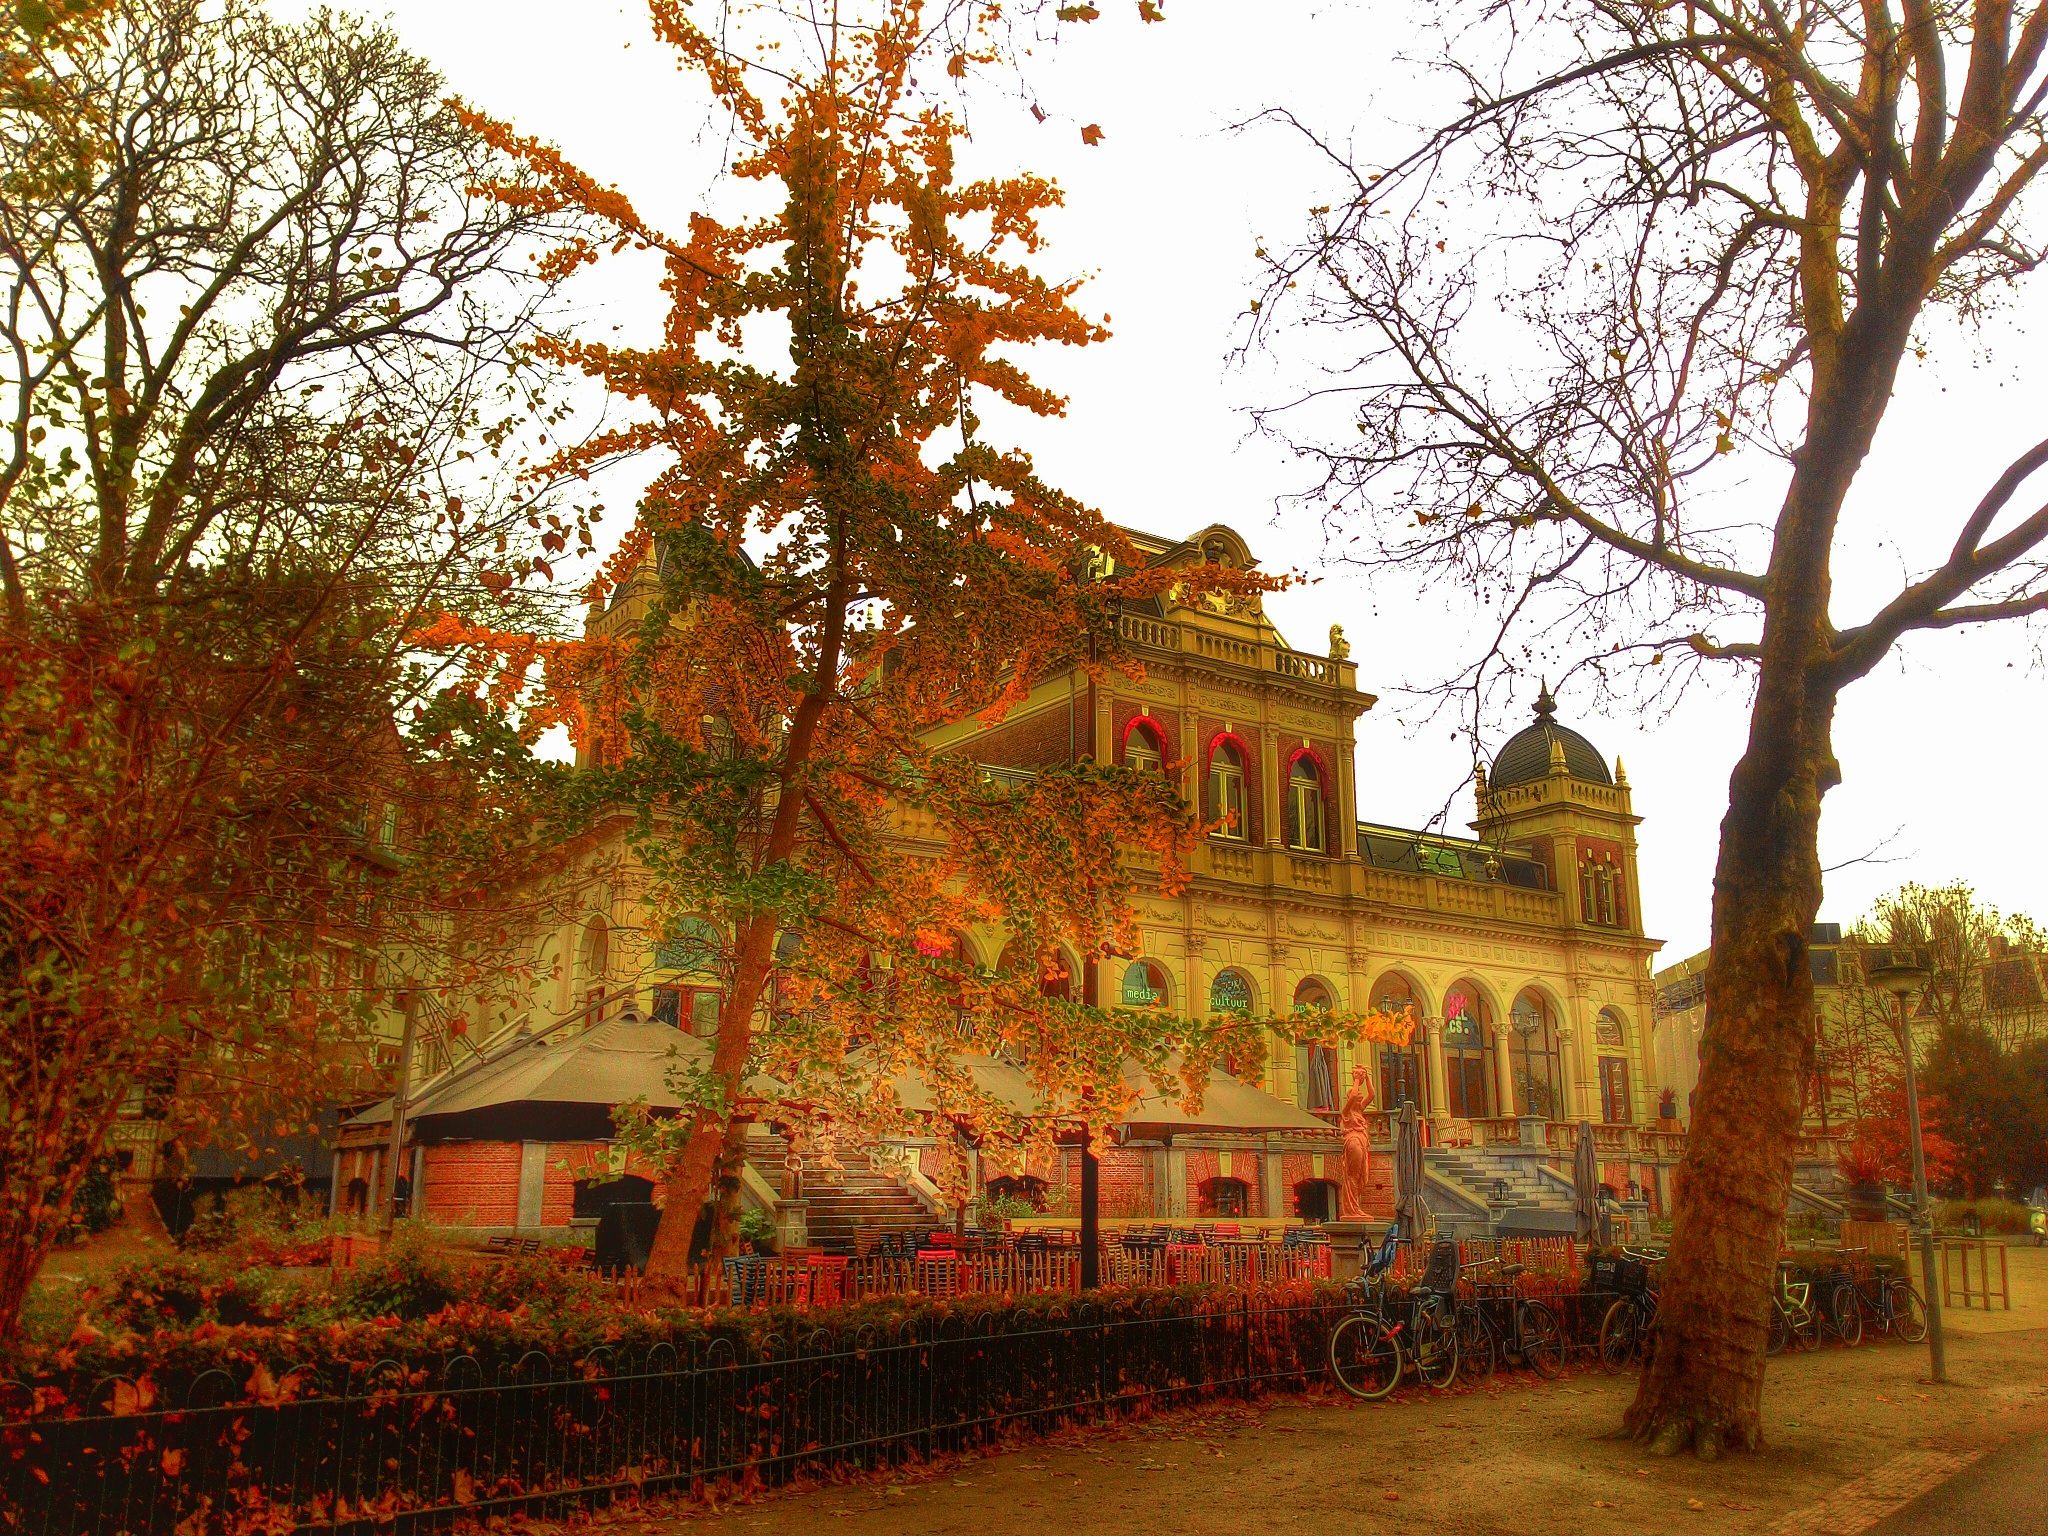 Filmmuseum @Vondelpark by vinzarka